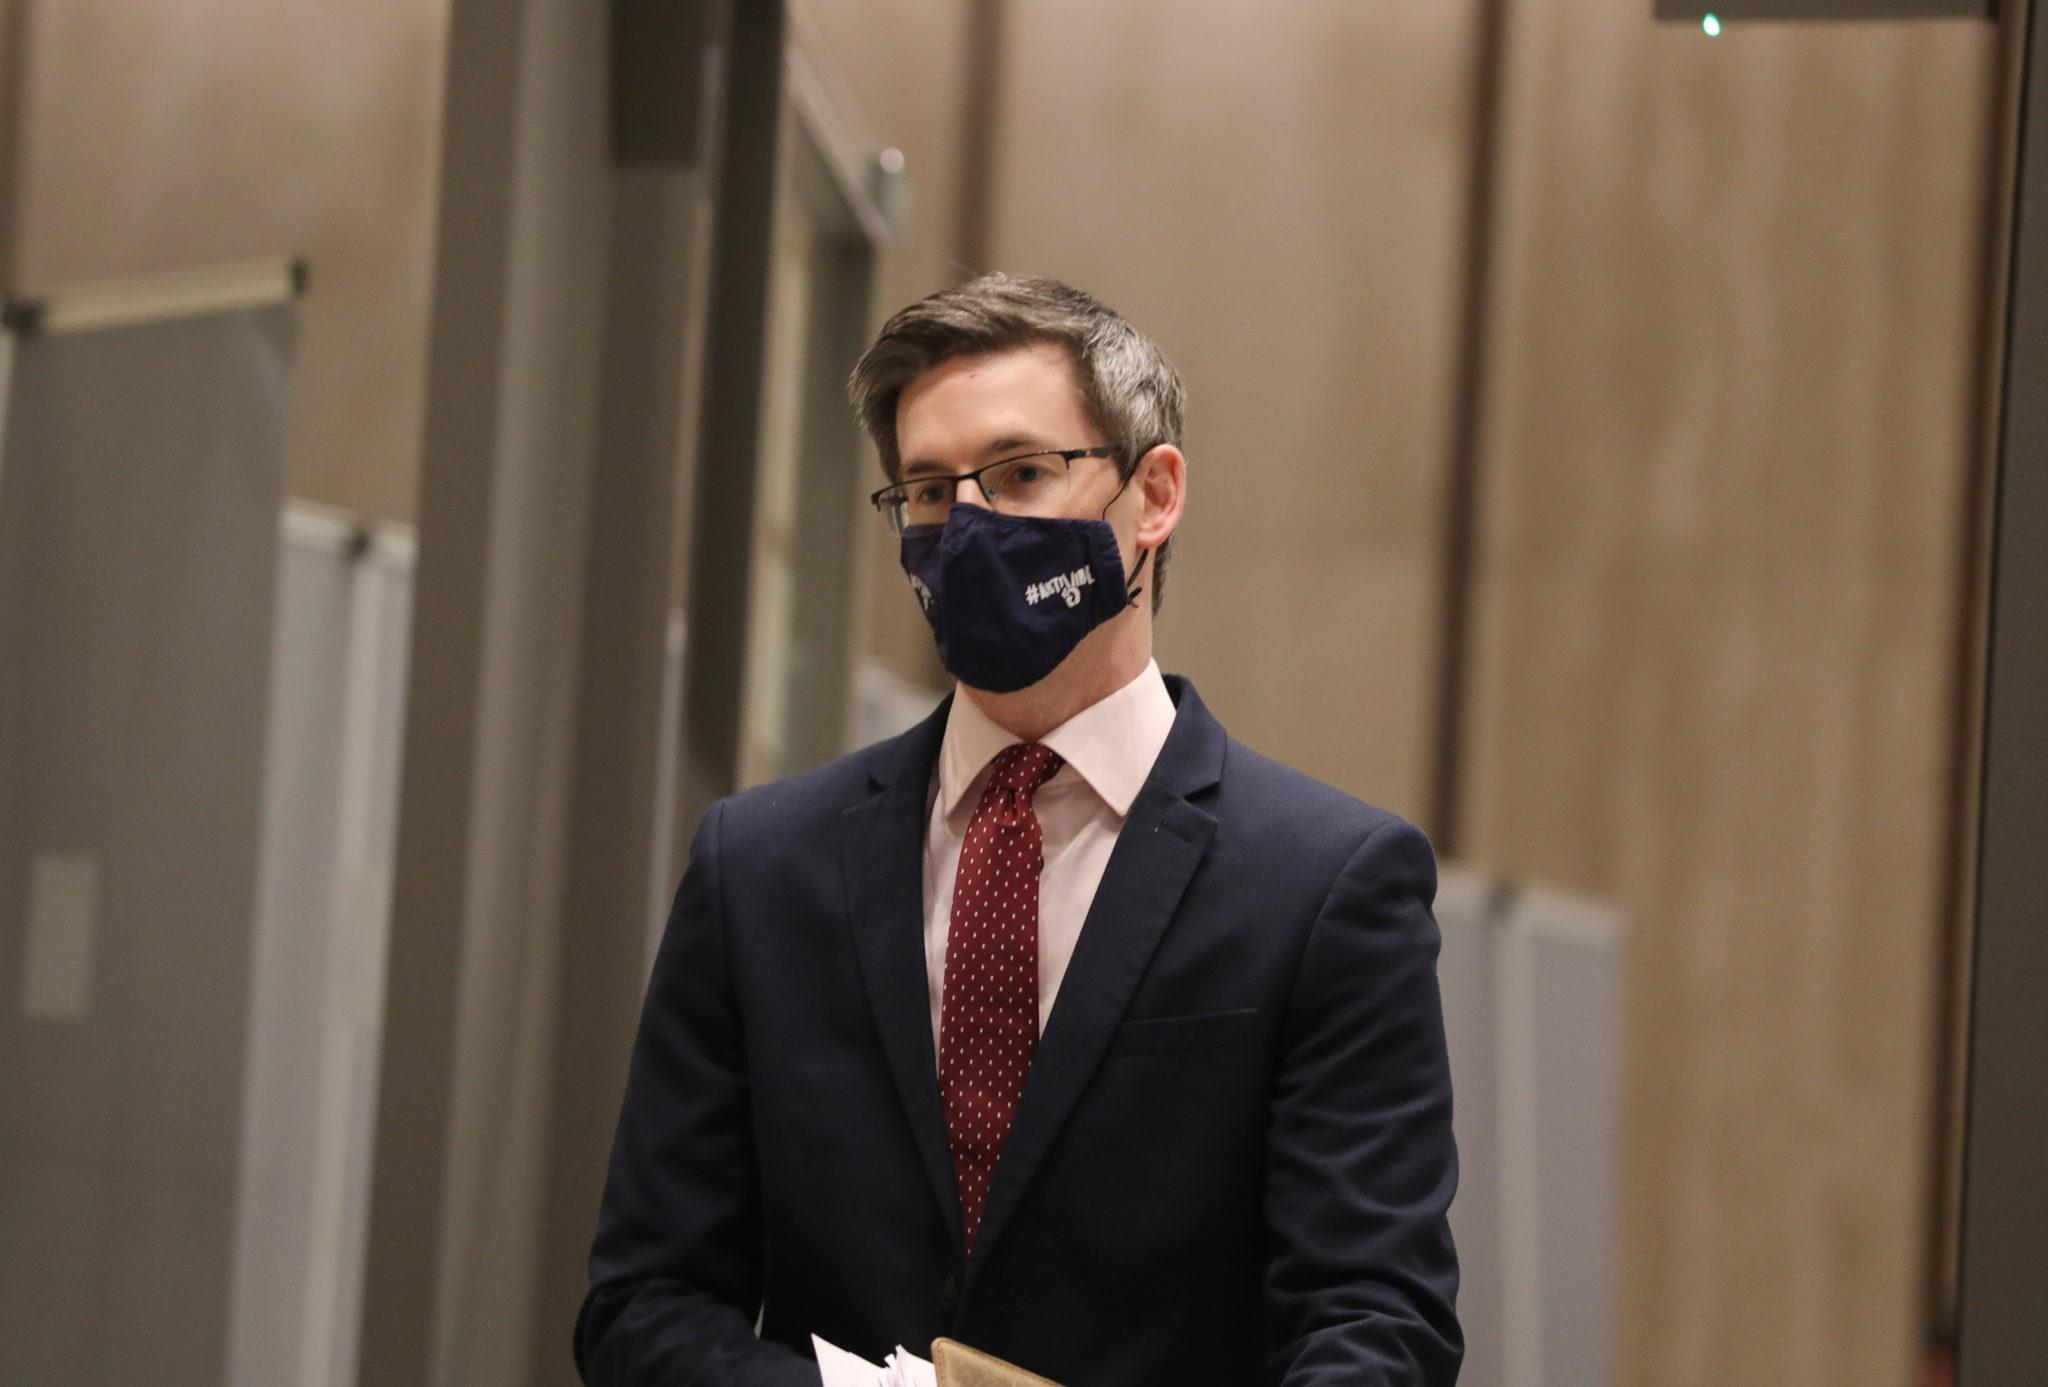 Dr Ronan Glynn